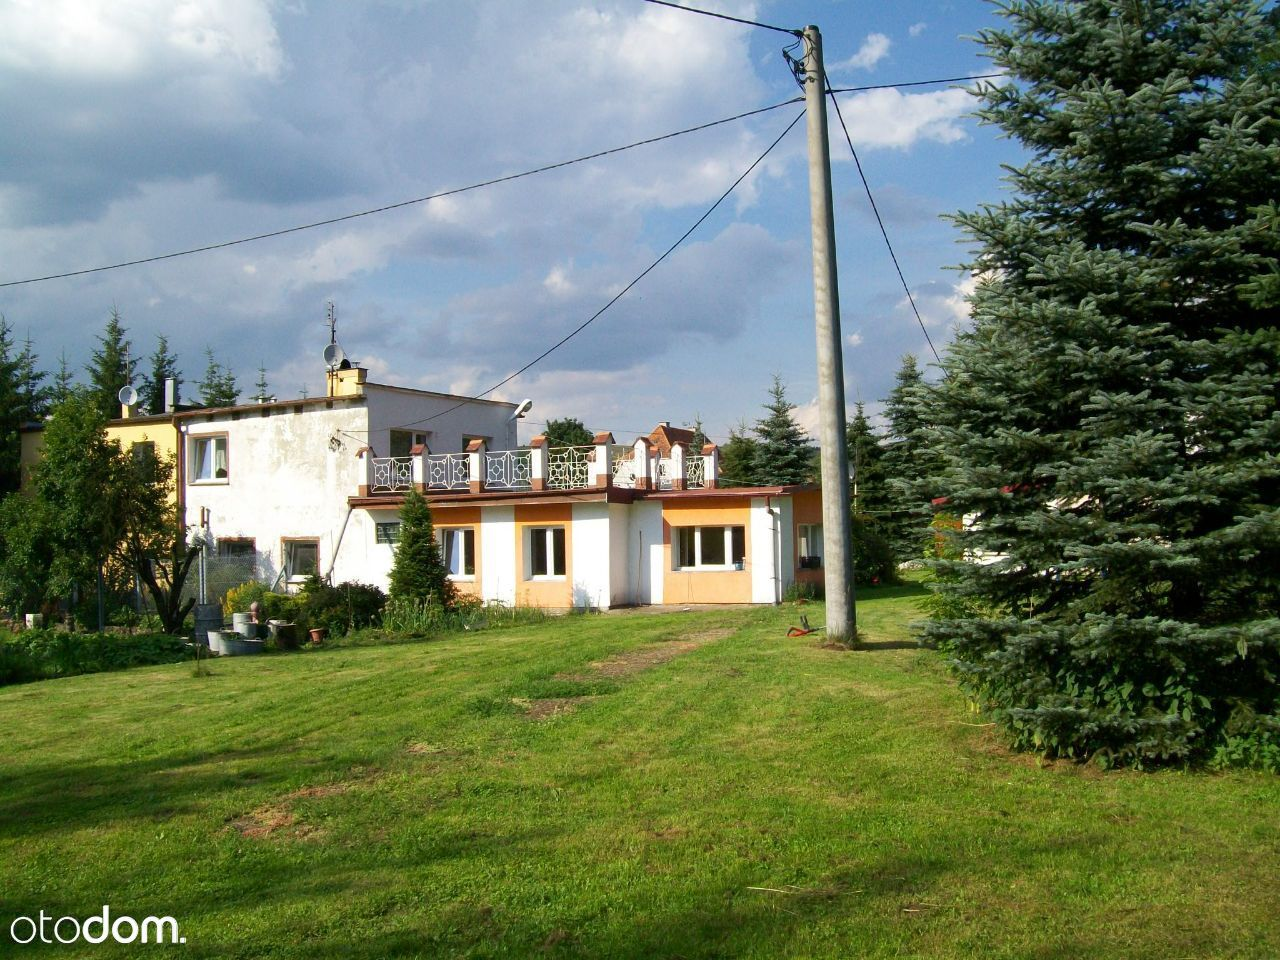 Dom na sprzedaż, Unisław Śląski, wałbrzyski, dolnośląskie - Foto 8